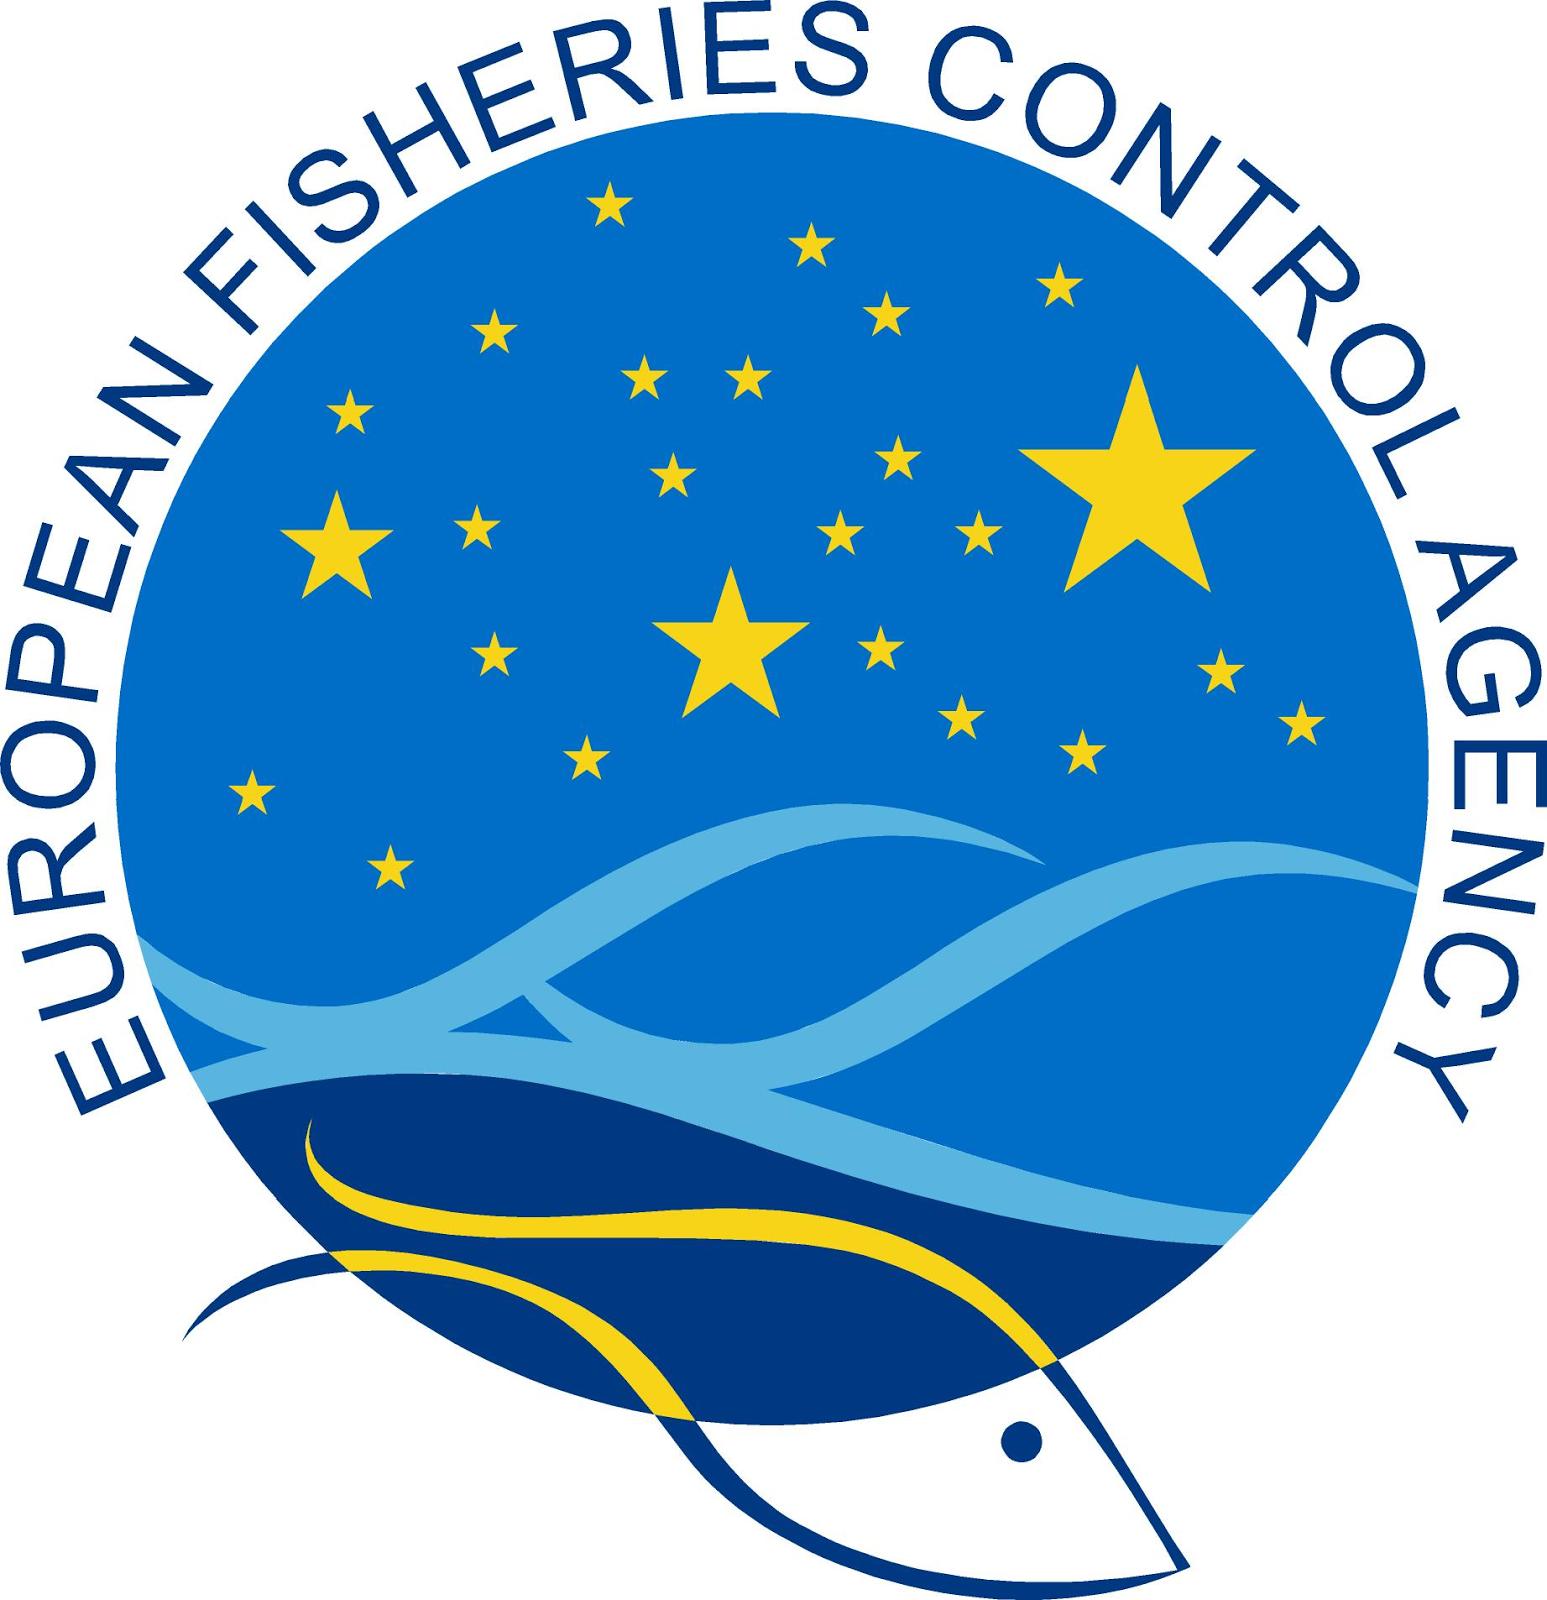 Adu a la Agencia Europea de Medicamentos: Barcelona